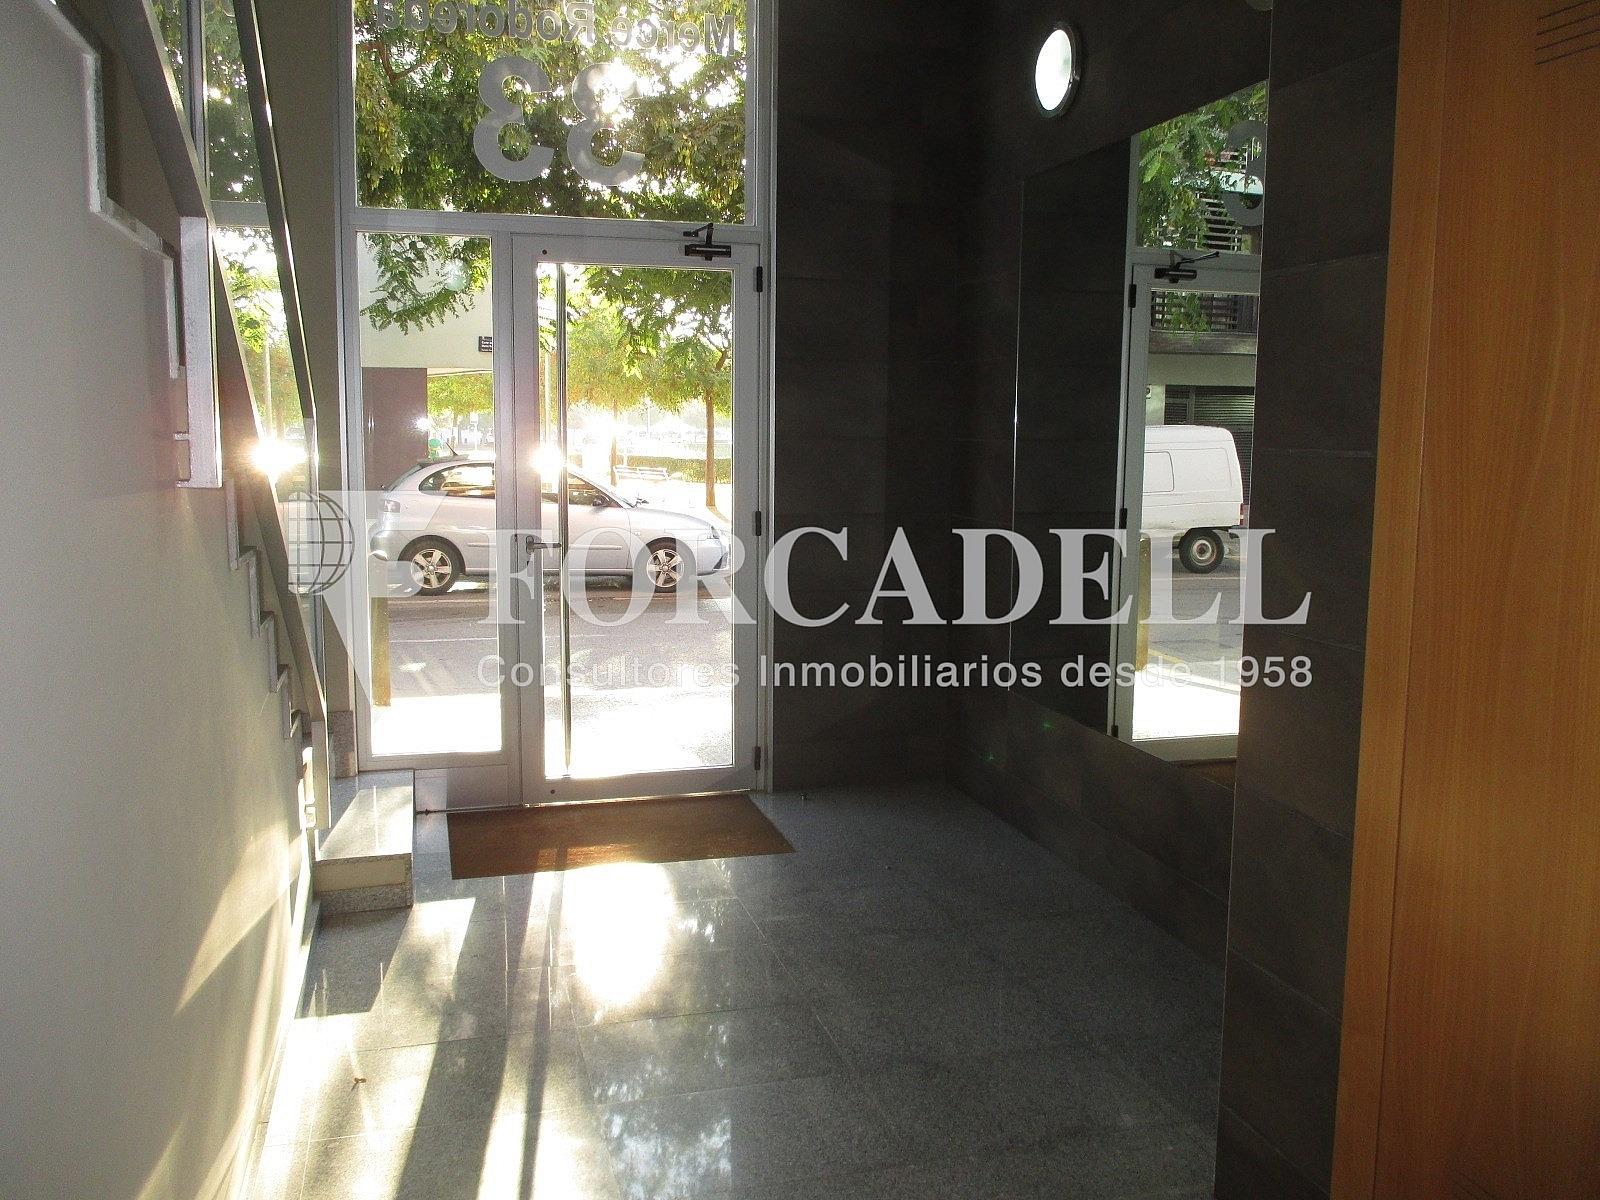 IMG_2664 - Piso en alquiler en calle Merce Rodoreda, Can clota en Esplugues de Llobregat - 331432032